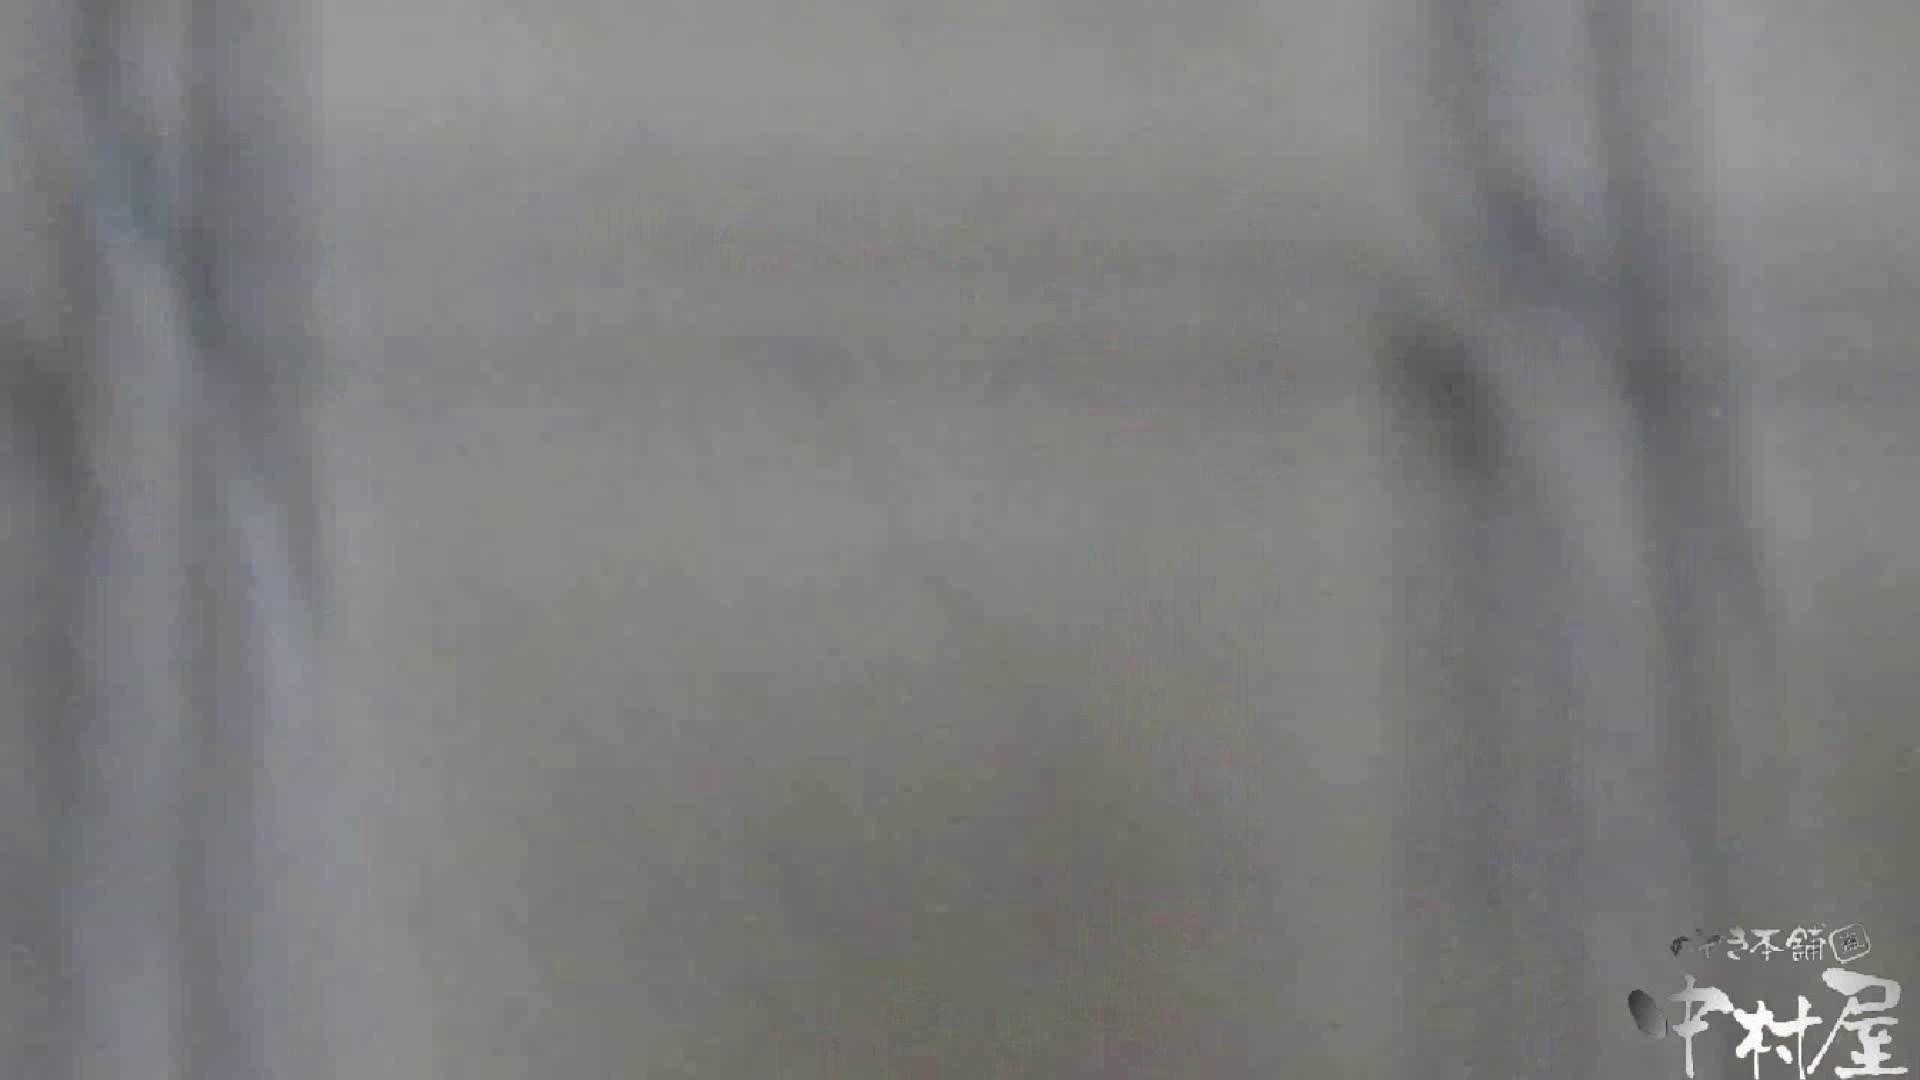 魂のかわや盗撮62連発! 透明な聖水発射お姉さん! 39発目! 盗撮 | Hなお姉さん  71pic 14